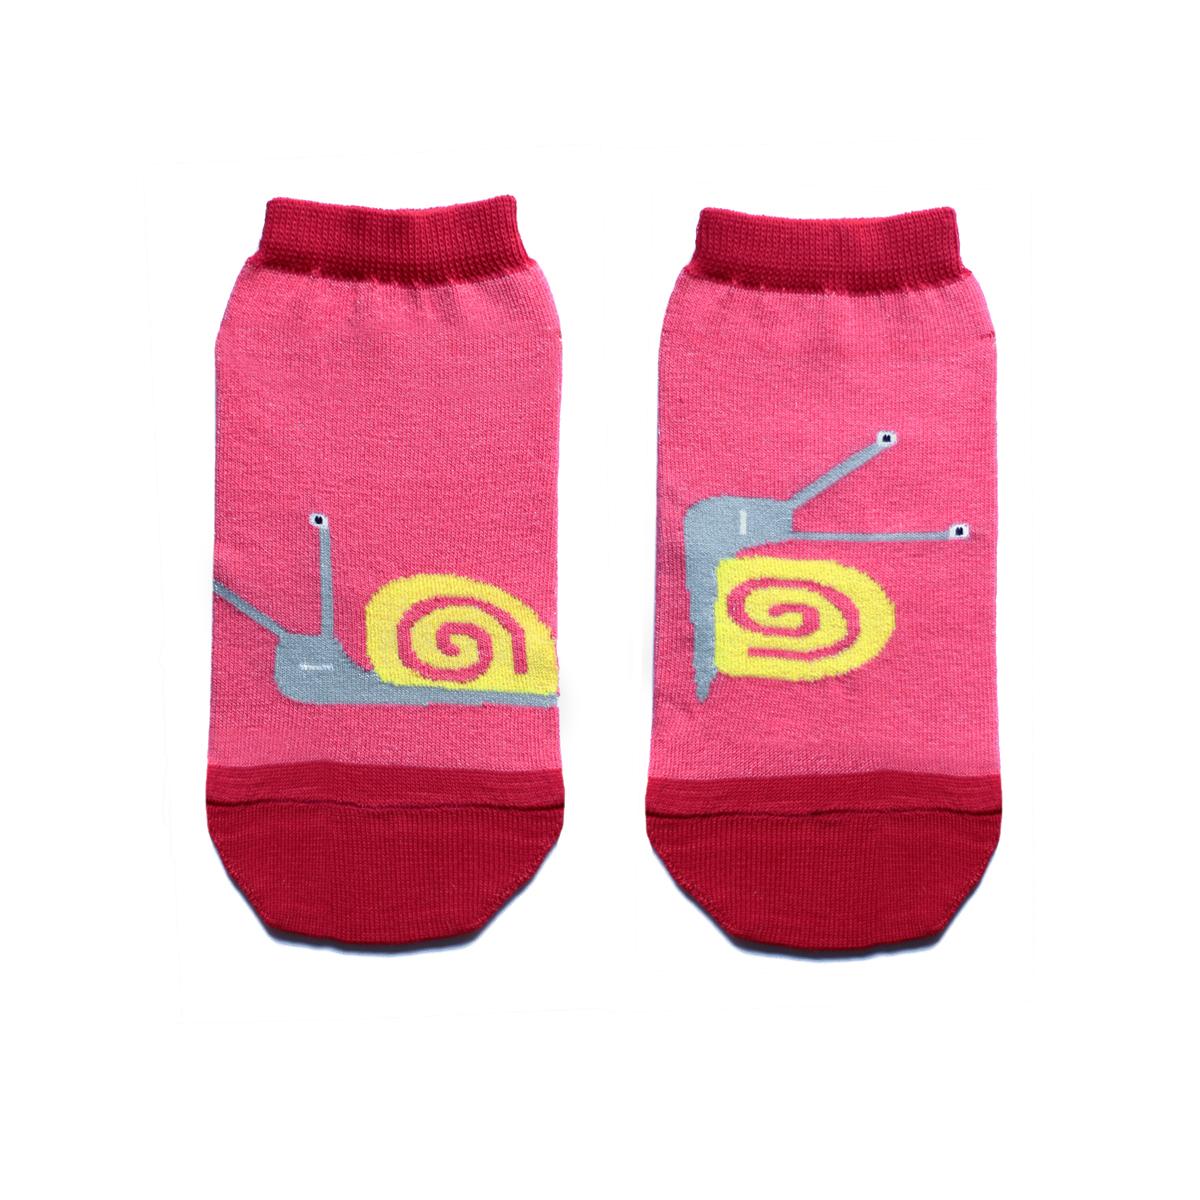 Носкиca1622Укороченные женские носки Big Bang Socks изготовлены из высококачественного хлопка с добавлением полиамидных и эластановых волокон, которые обеспечивают великолепную посадку. Носки отличаются ярким стильным дизайном, они оформлены изображением забавных улиток. Удобная резинка идеально облегает ногу и не пережимает сосуды, а усиленные пятка и мысок повышают износоустойчивость носка. Дизайнерские носки Big Bang Socks - яркая деталь в вашем образе и оригинальный подарок для друзей и близких.